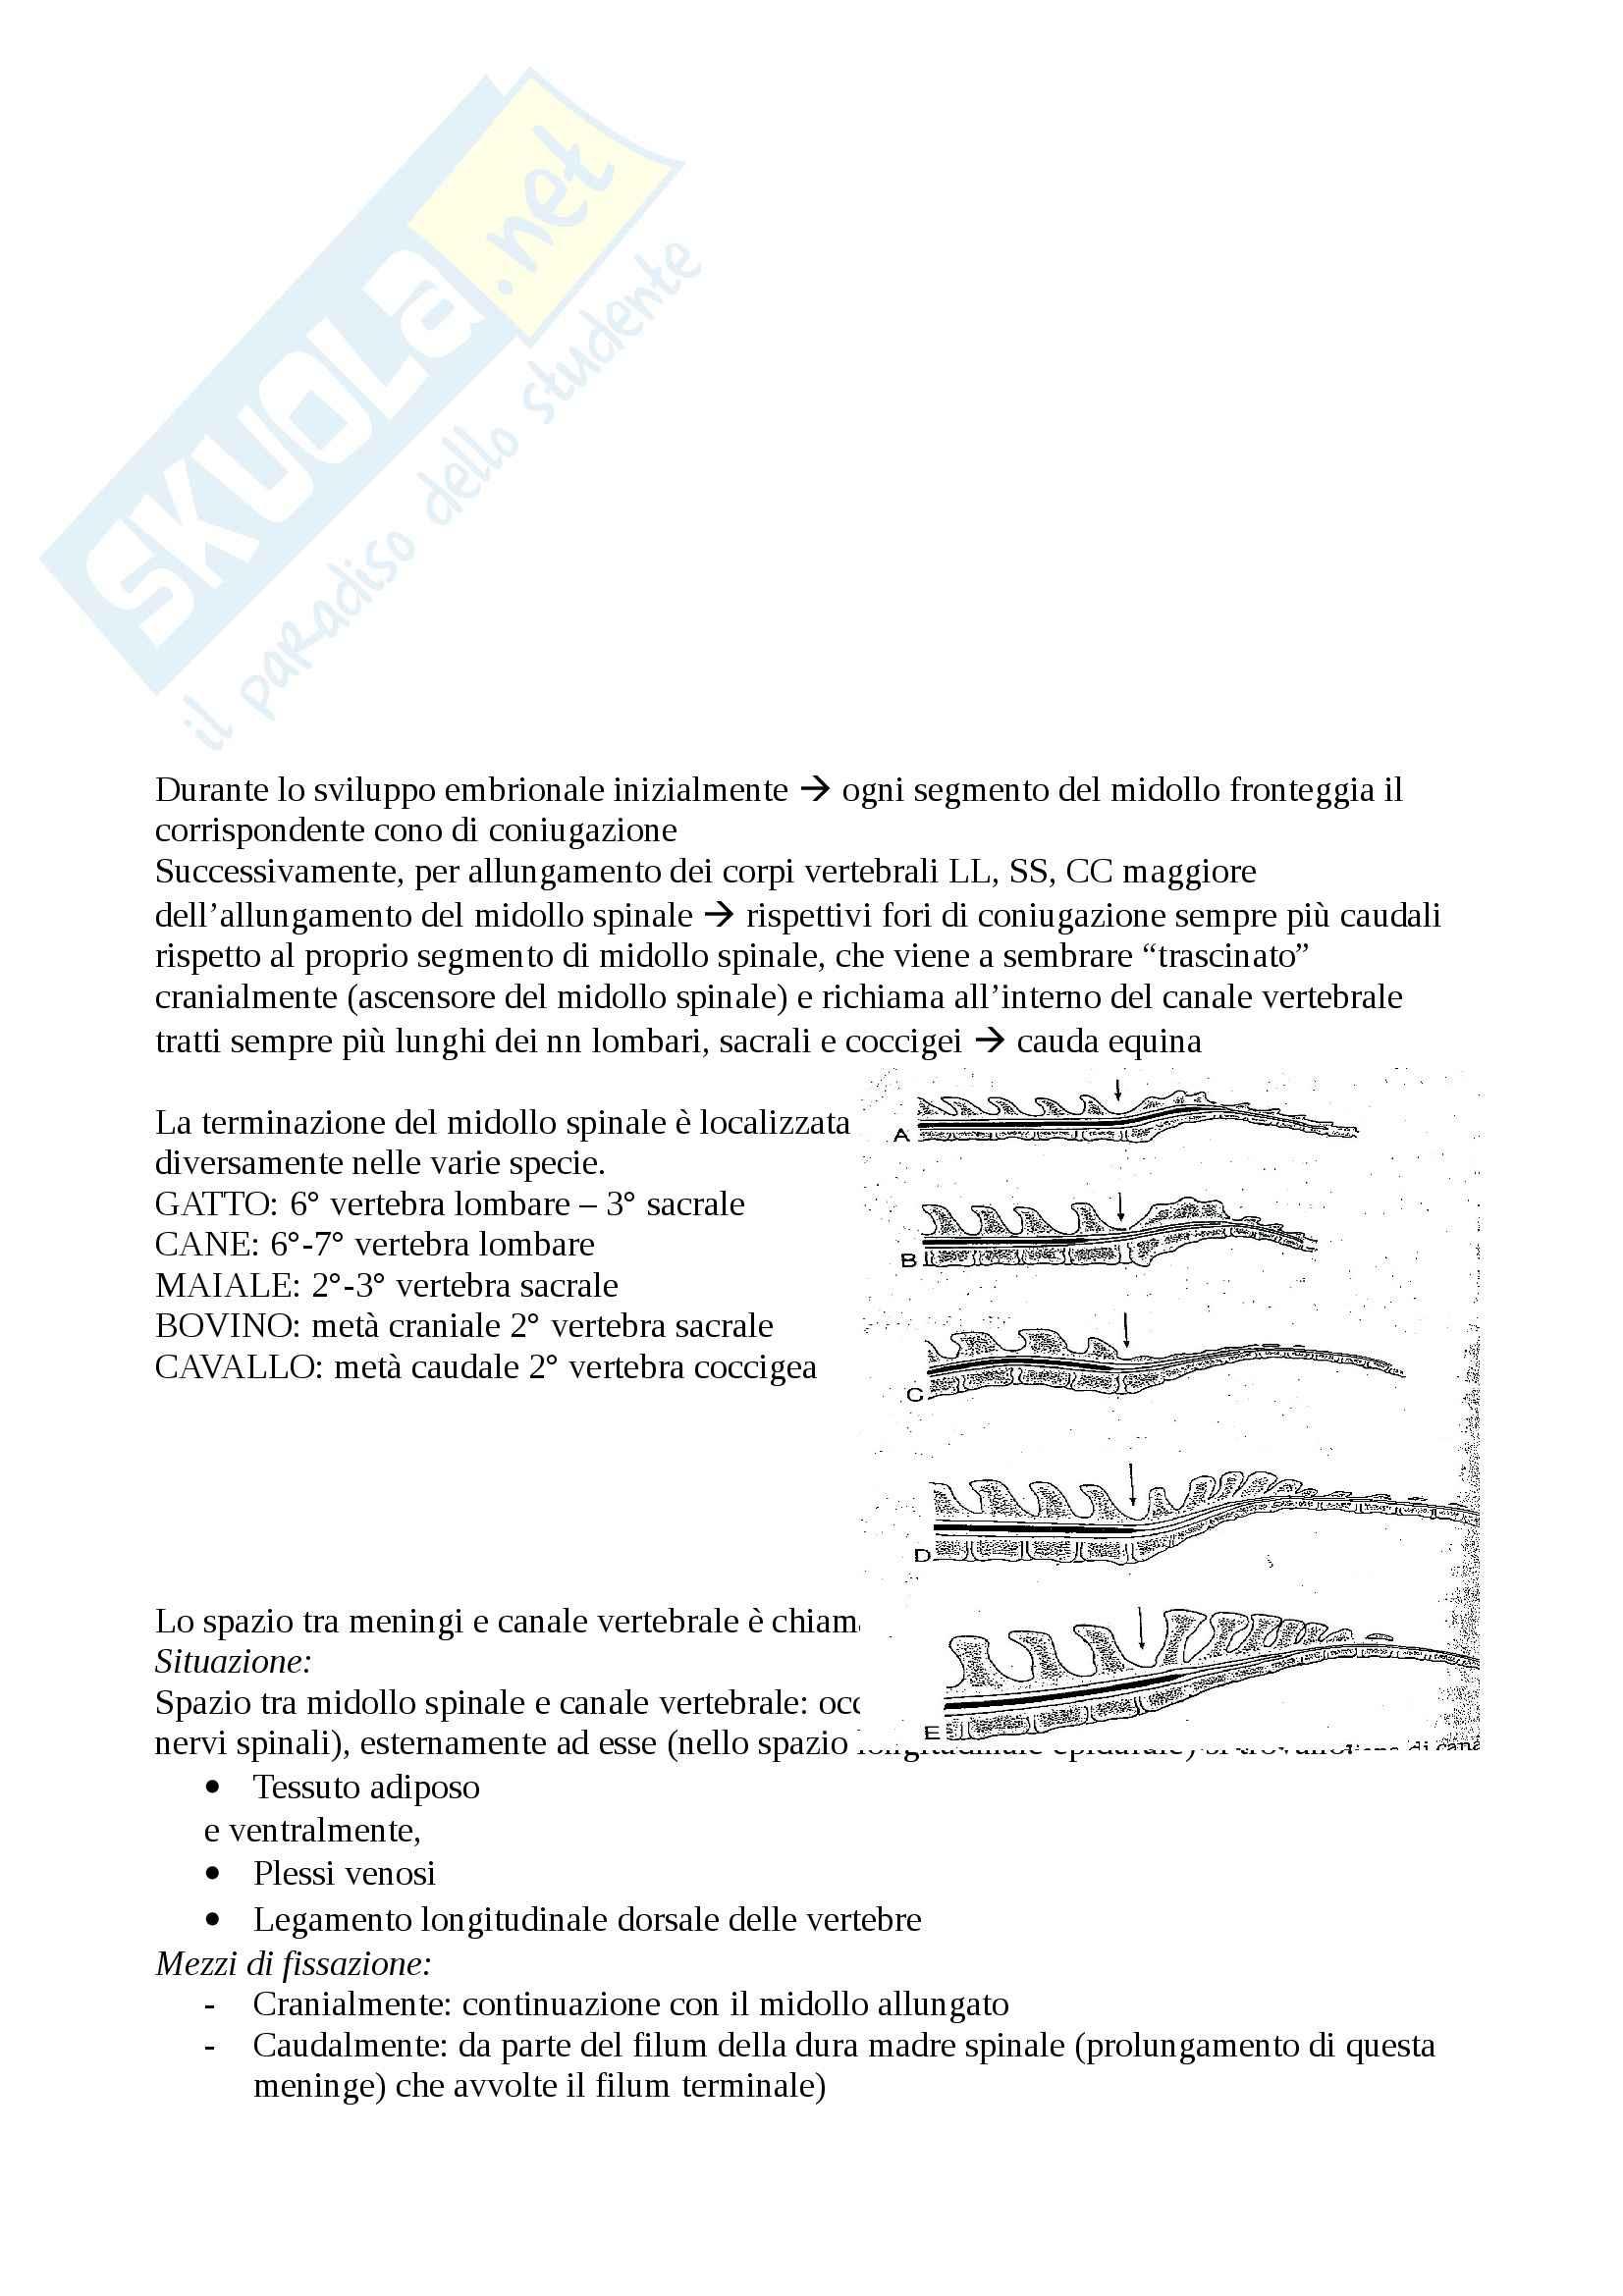 Embriologia del sistema nervoso centrale: Appunti di Anatomia comparata Pag. 6